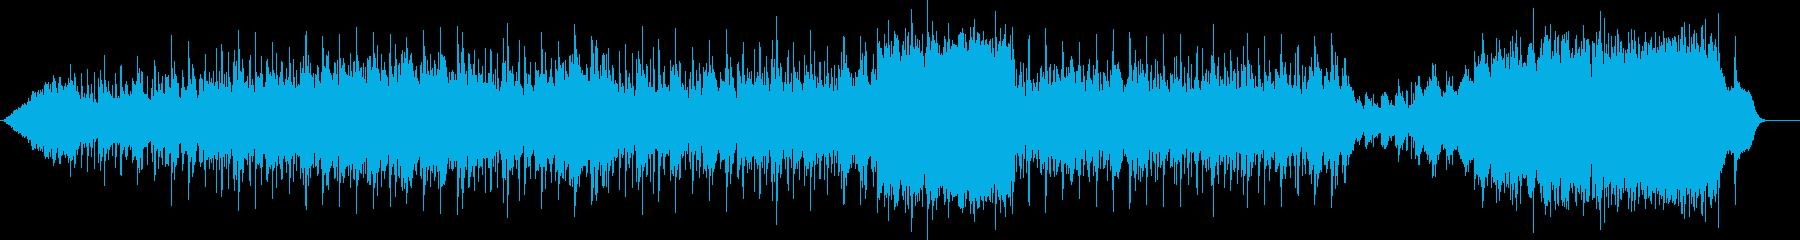 スケール感のある幻想的なアンビエントの再生済みの波形